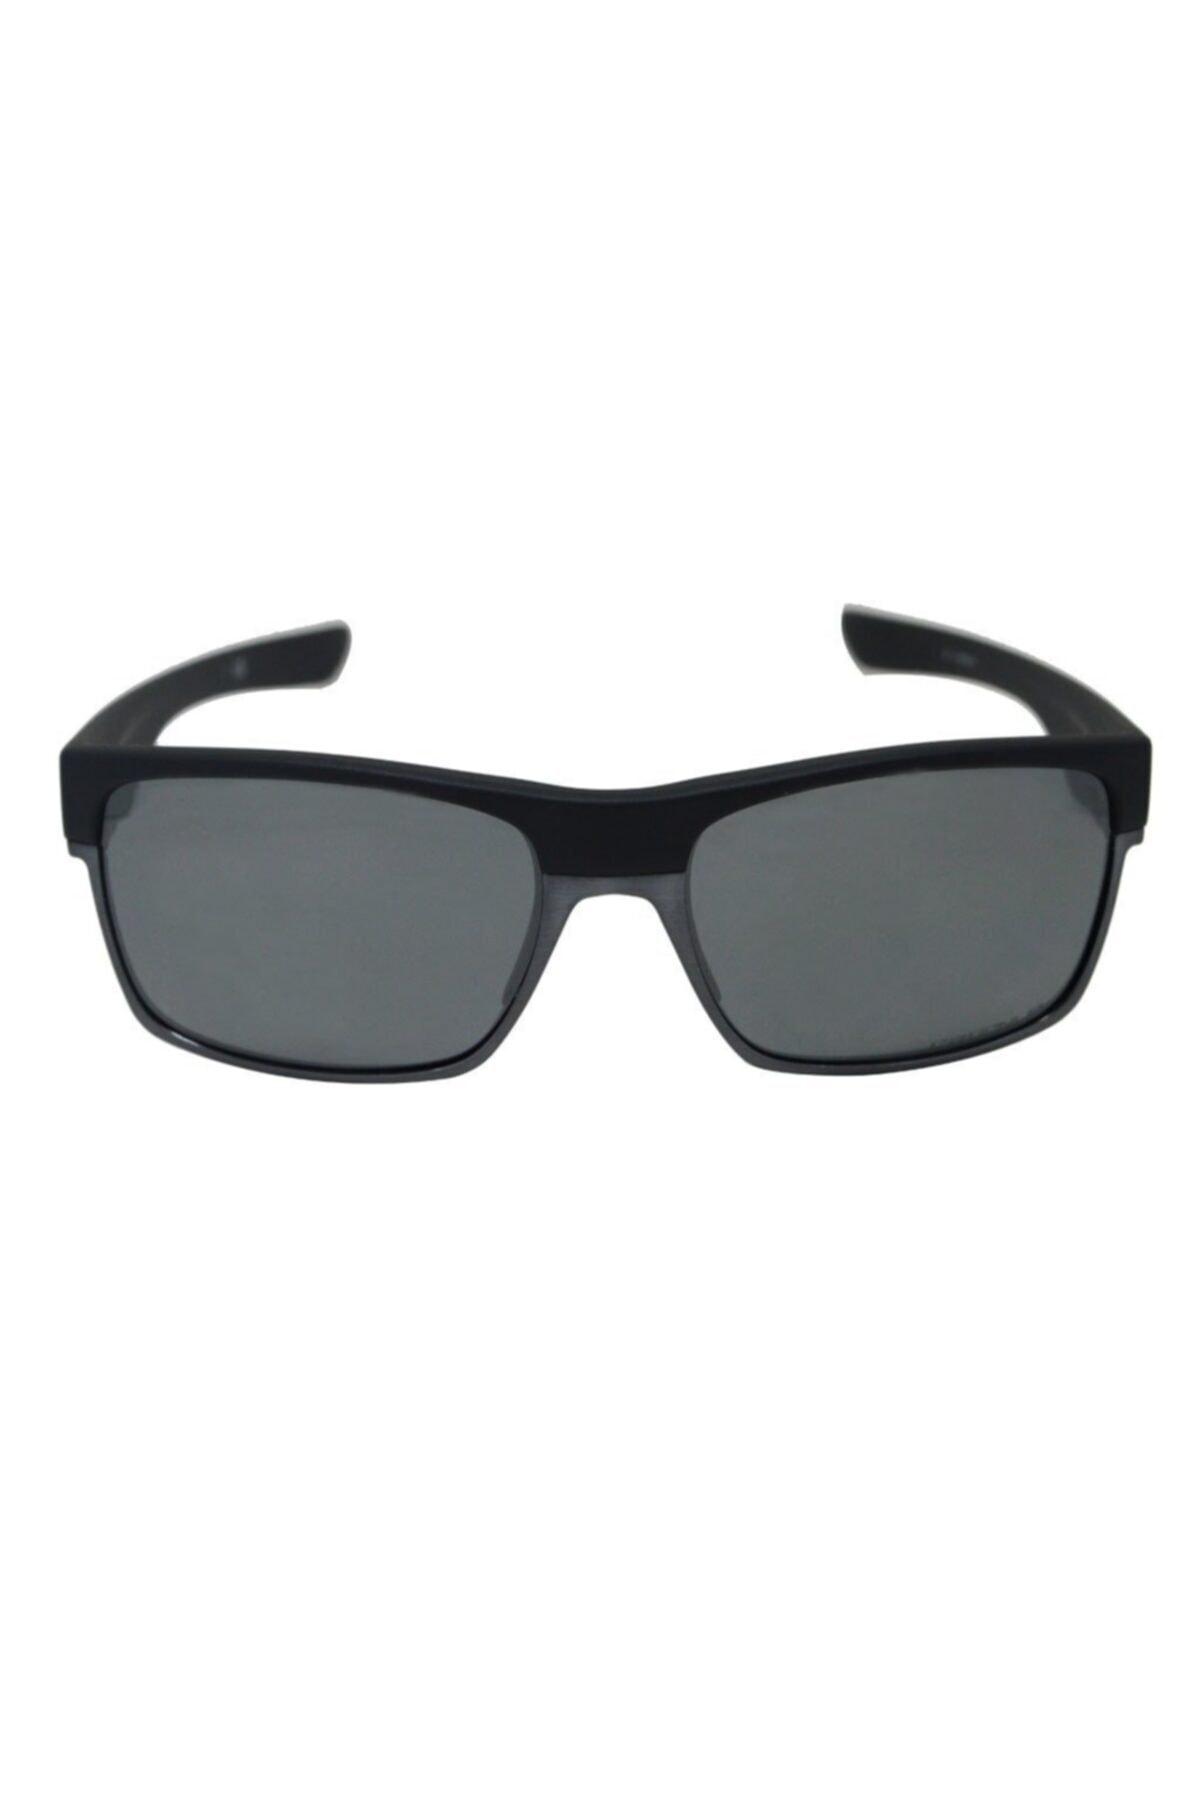 Oakley Oo9189 38 61 Güneş Gözlüğü 2